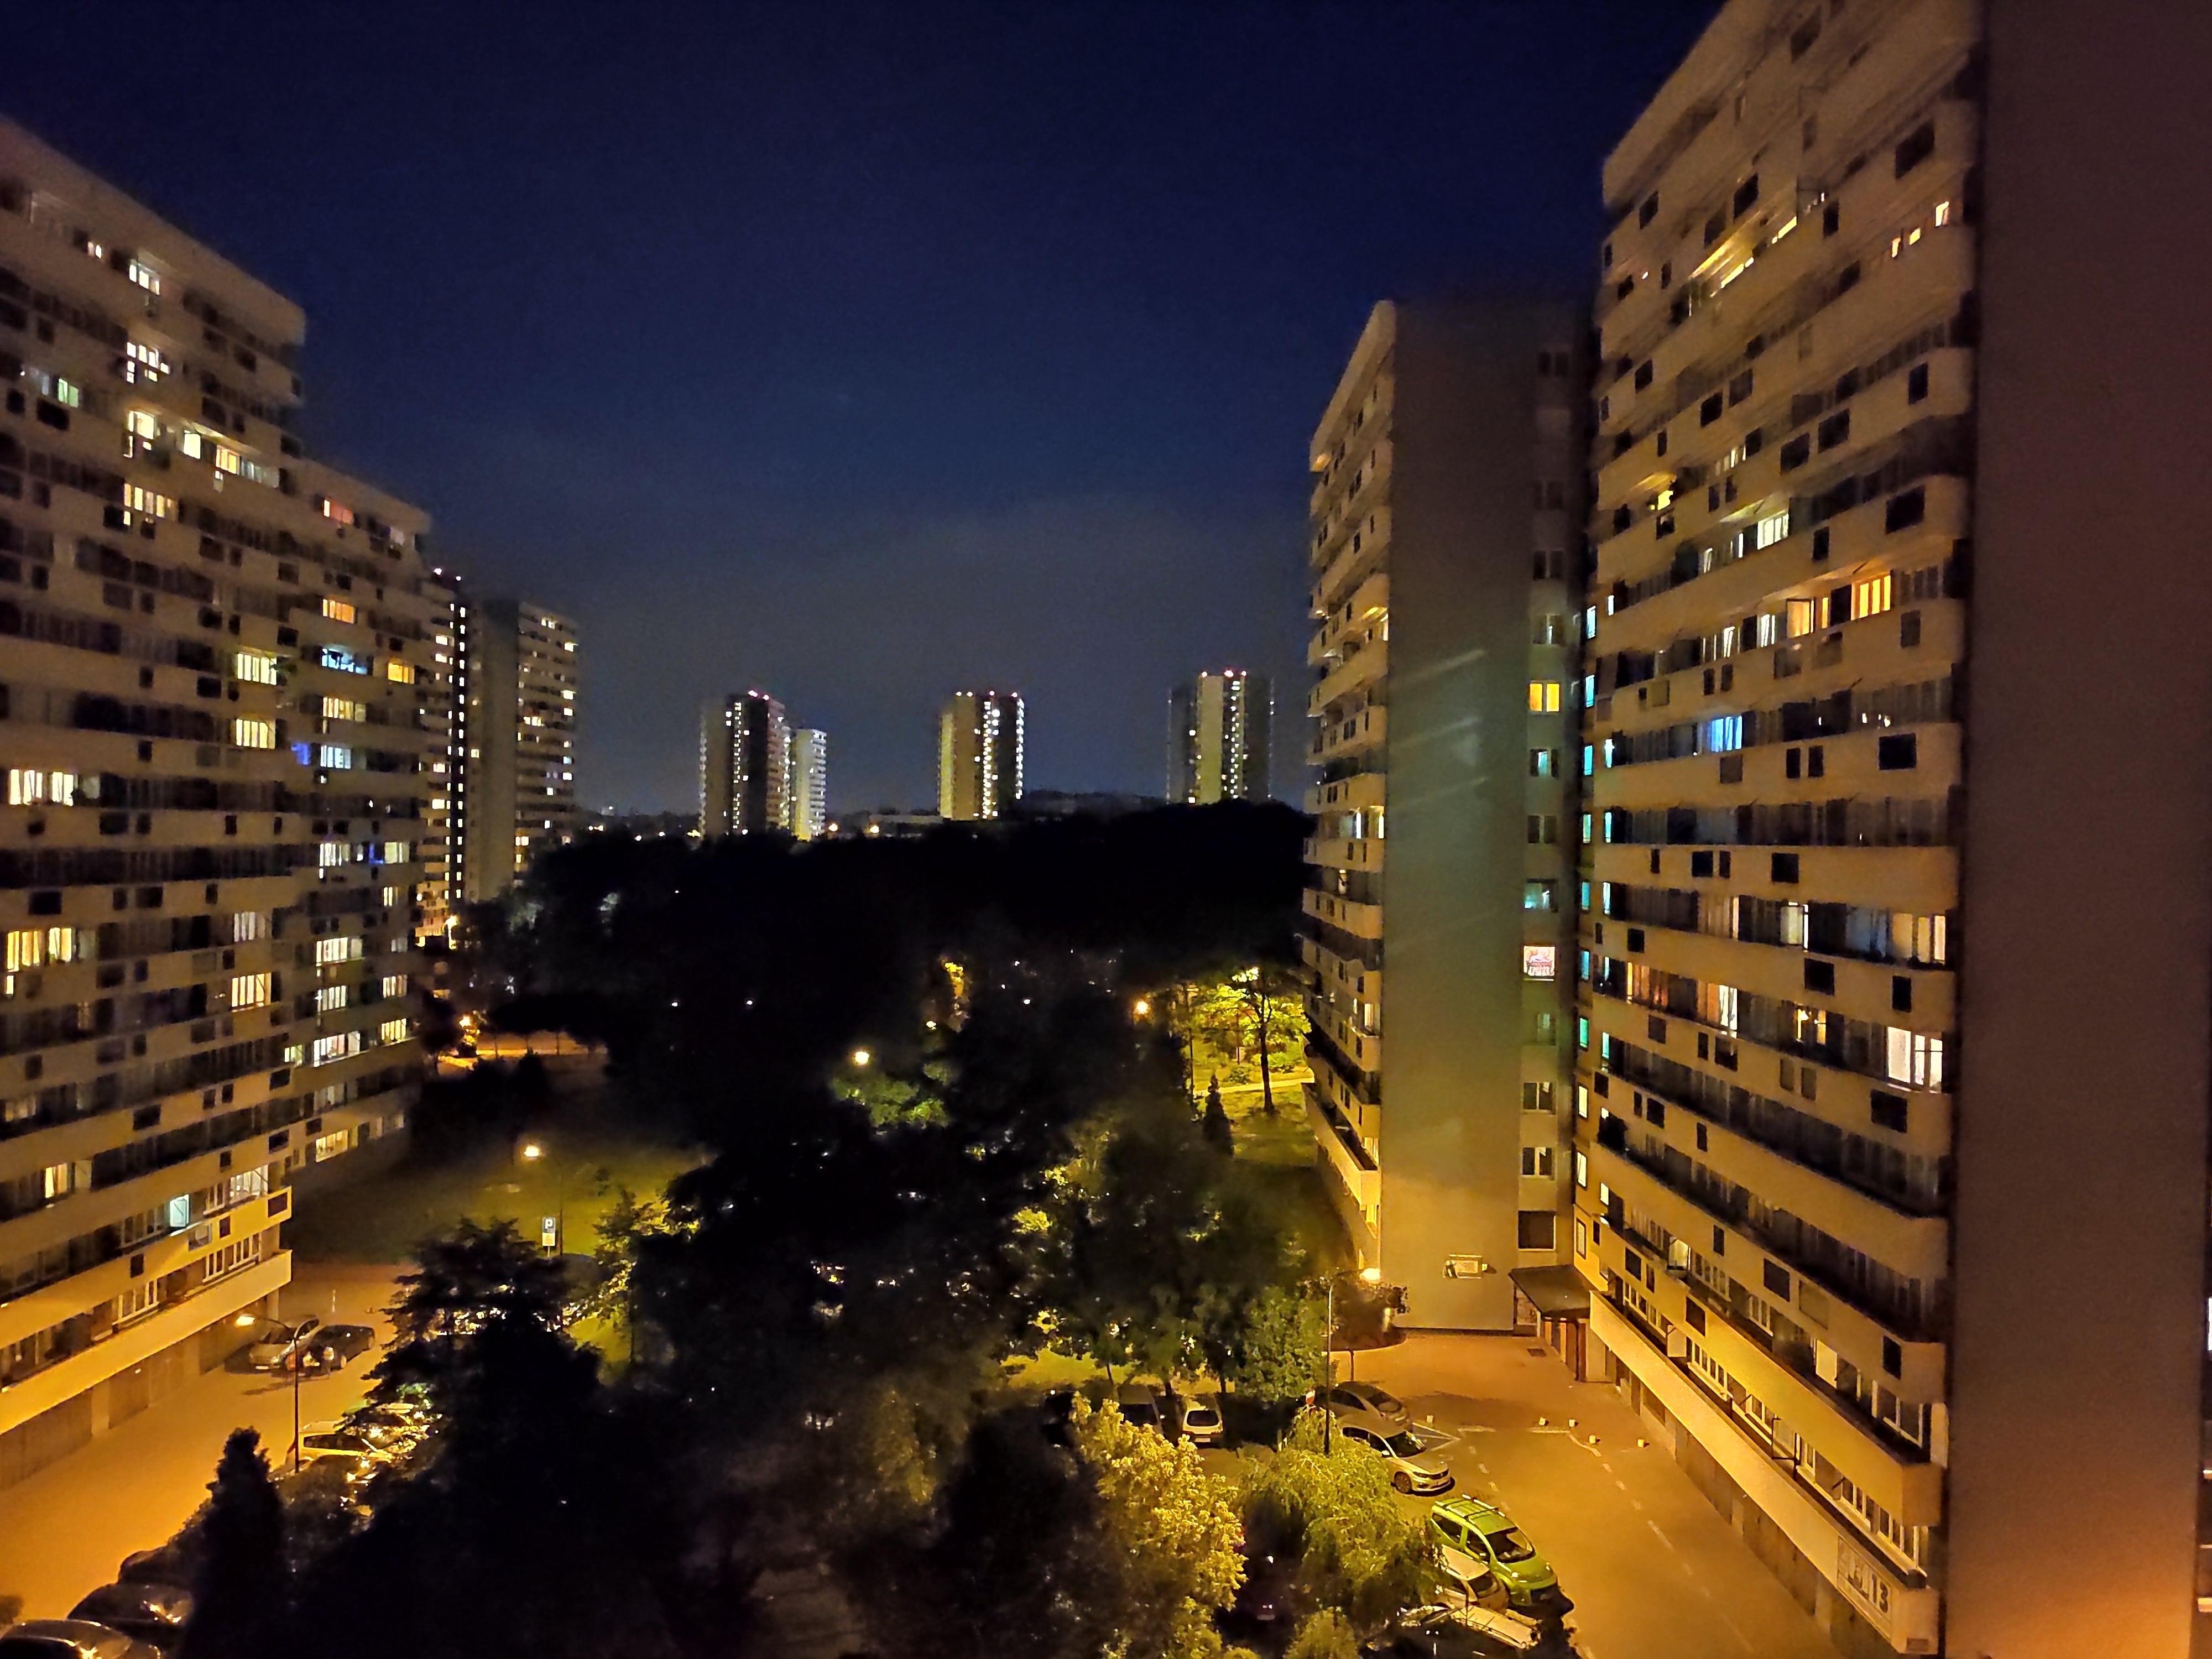 Zdjęcia nocne - Xiaomi Mi 9 SE